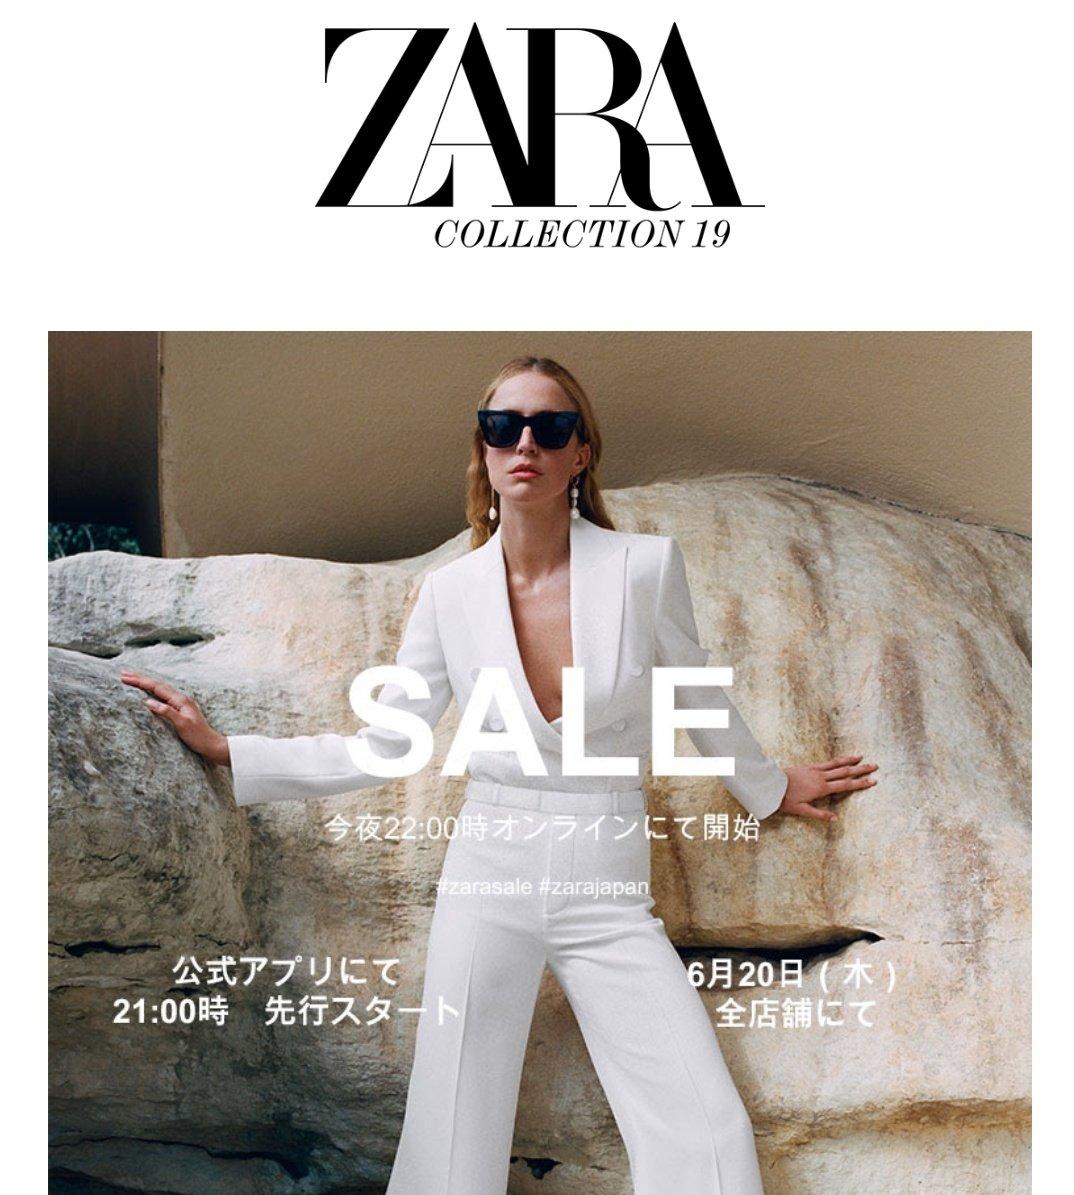 号外!!本日ZARAのオンライン夏セール開始!